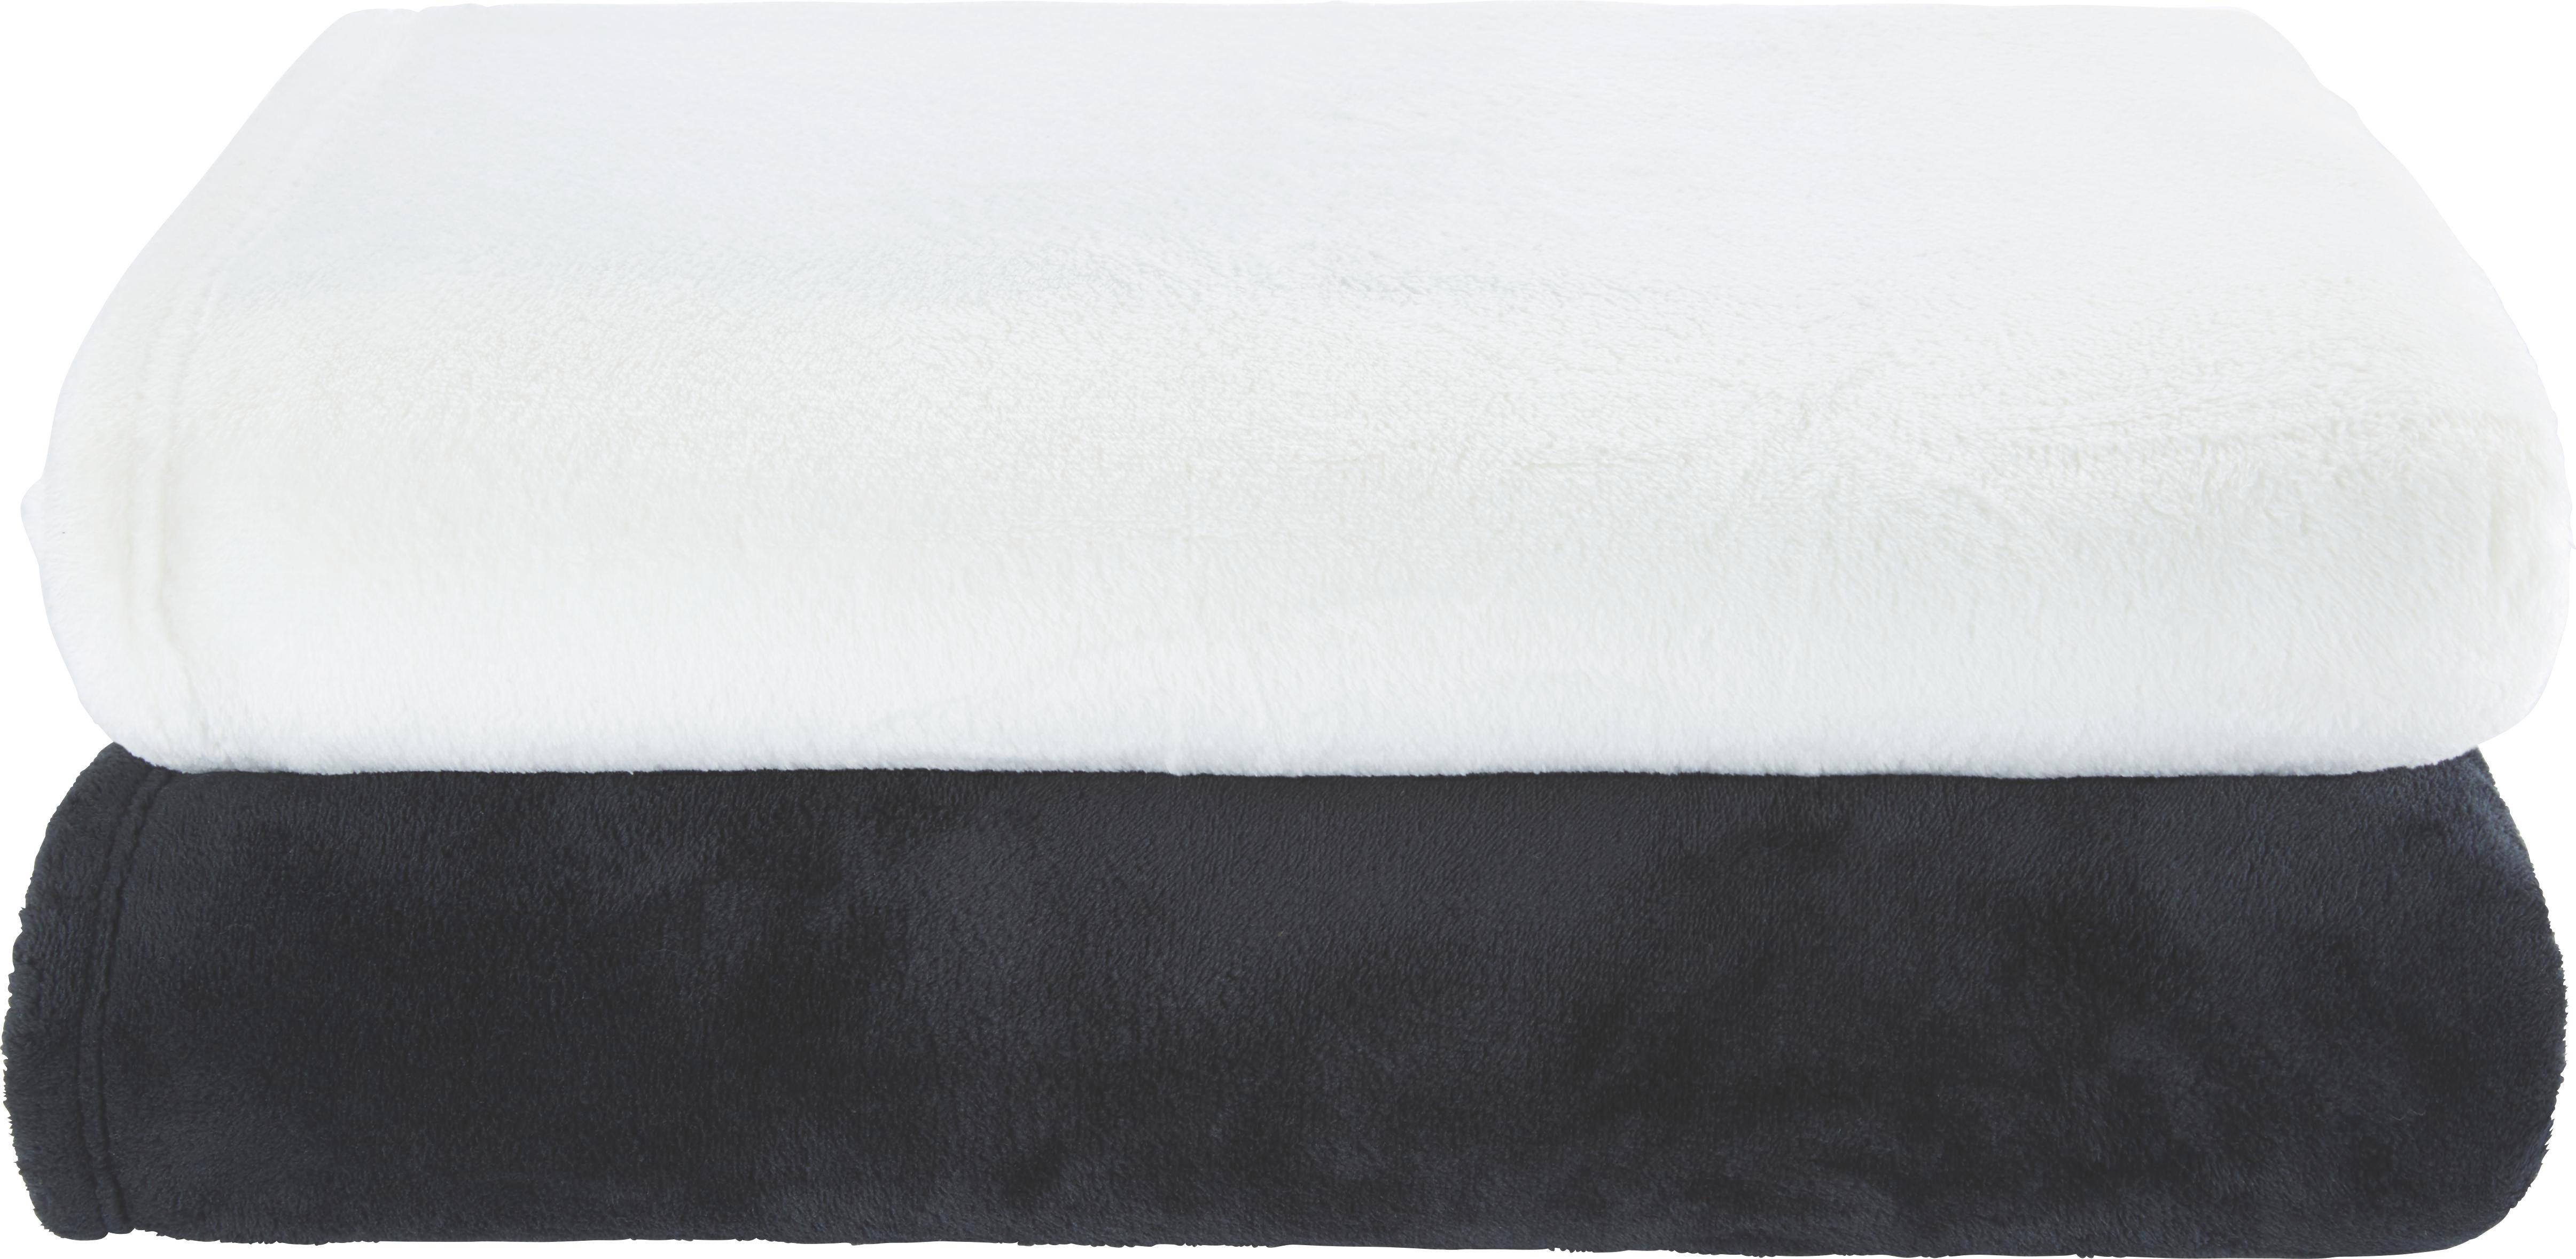 Kuscheldecke Kuschelix - Schwarz, Textil (140/200cm) - MÖMAX modern living